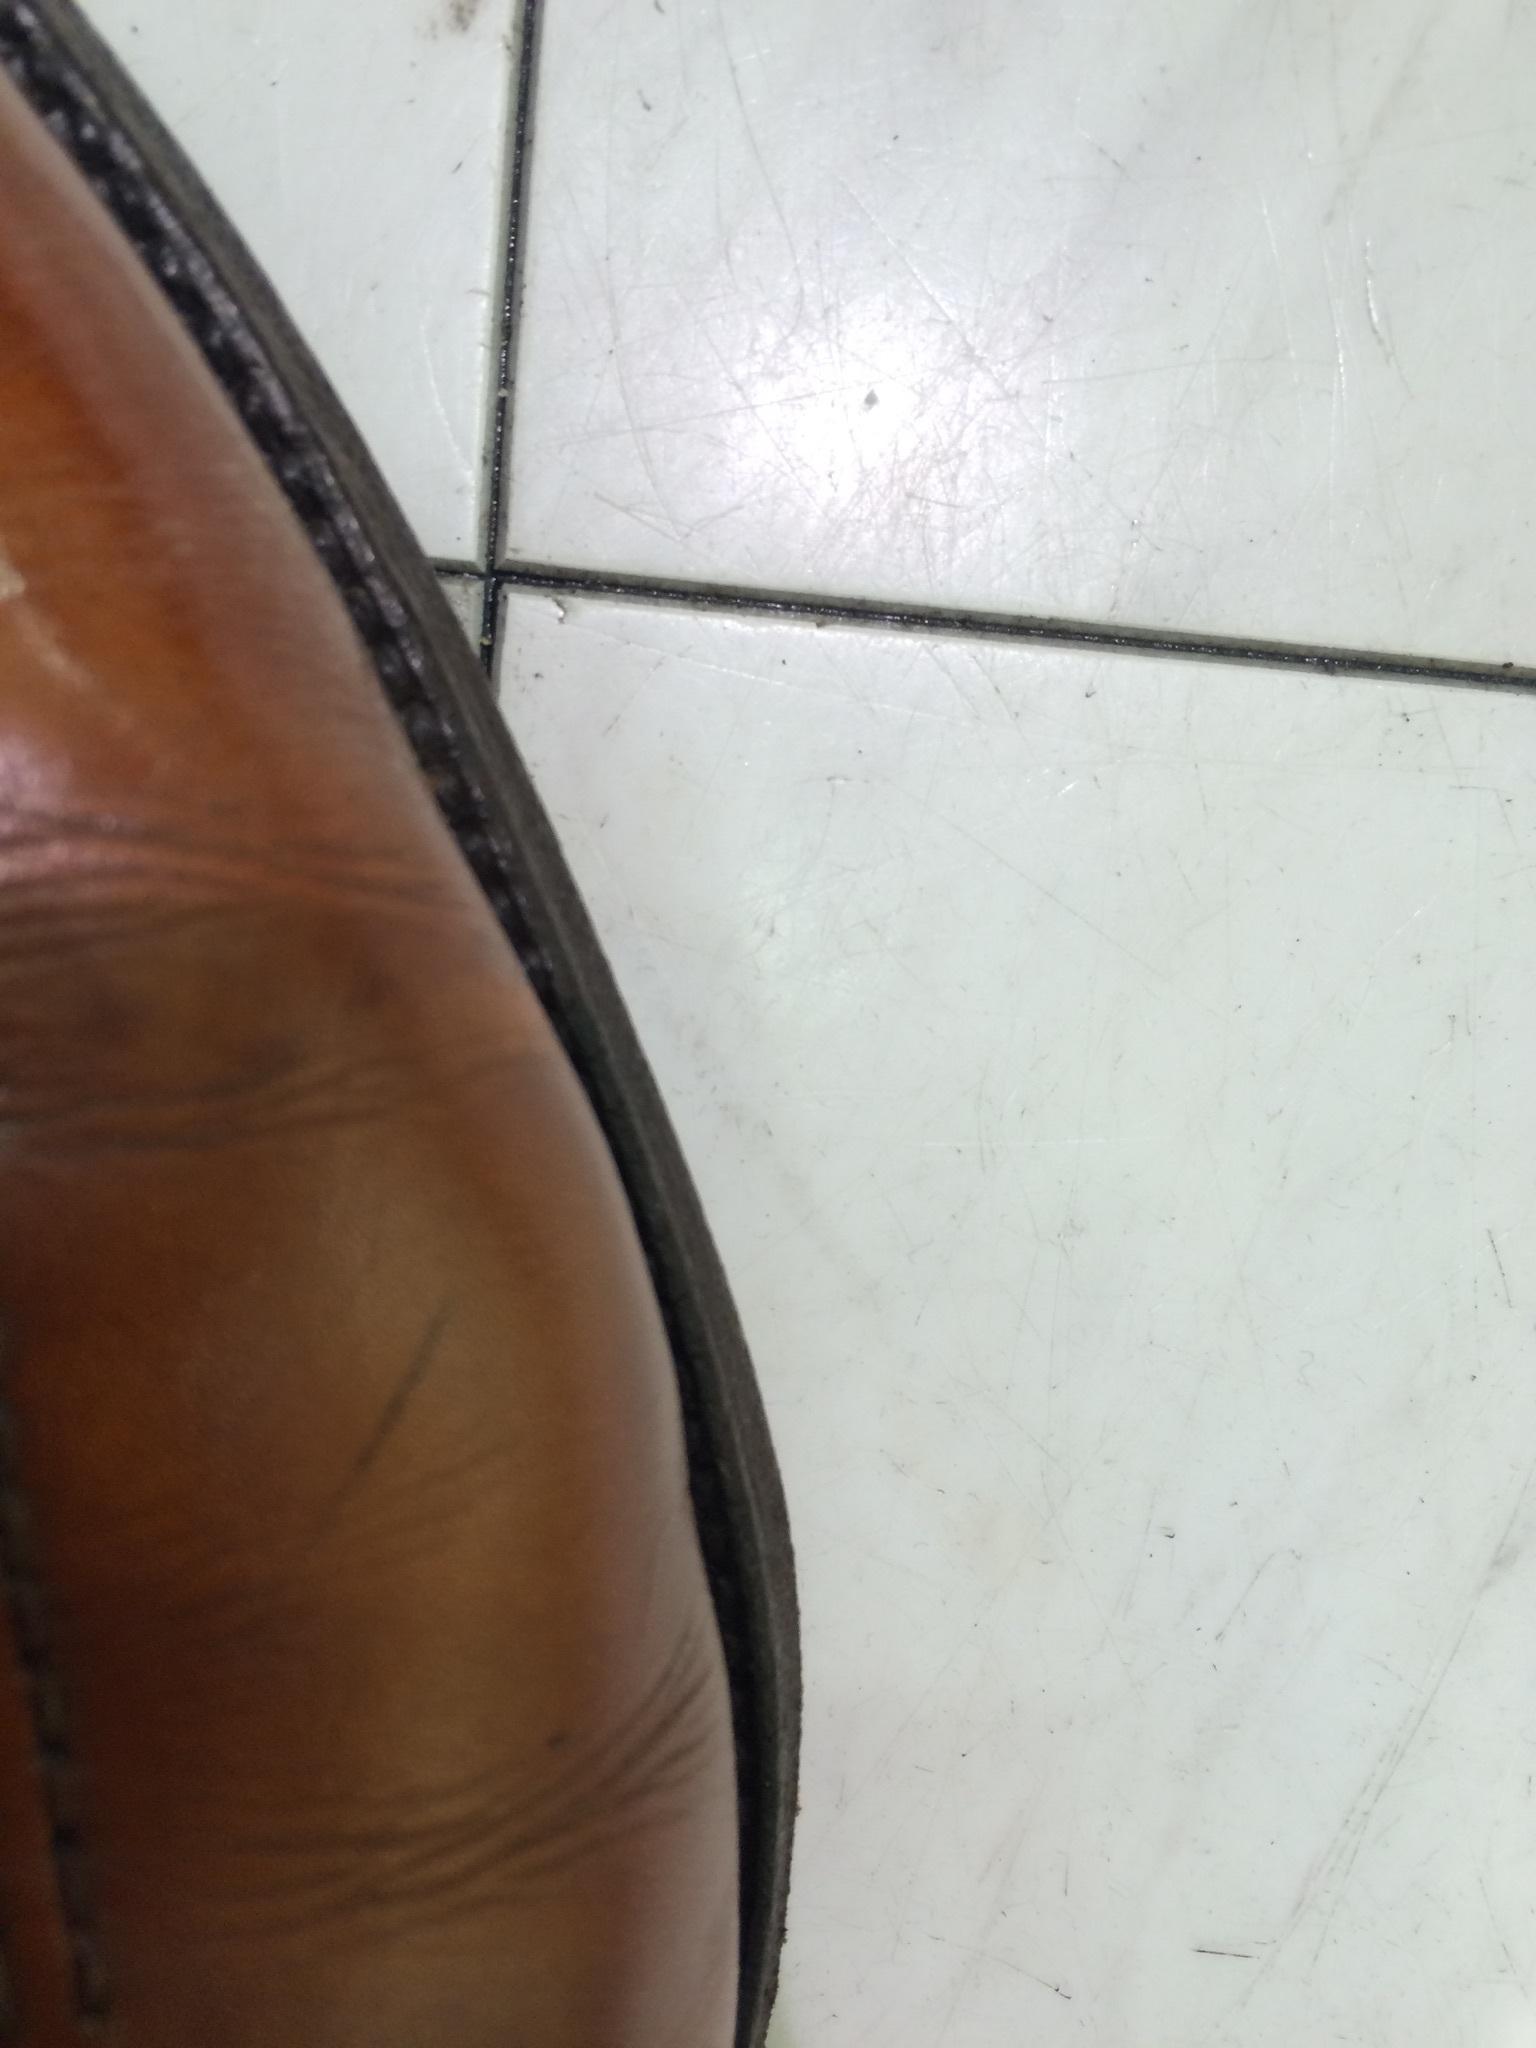 指が当たって痛い靴ありませんか?_b0226322_10490788.jpg